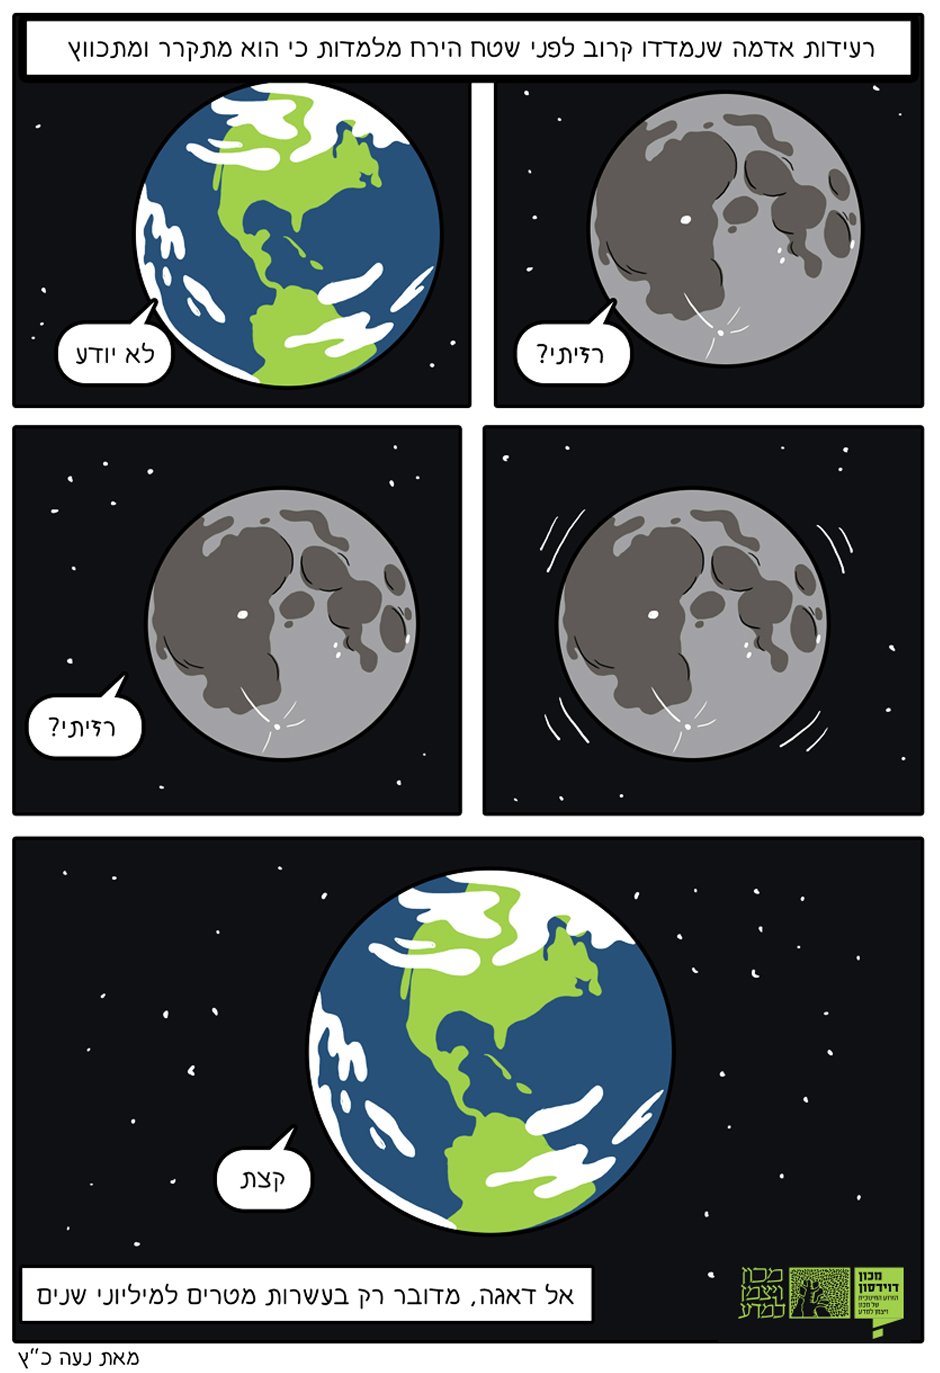 """סיפור פשוט: תמצית הכתבה בקומיקס של המאיירת נעה כ""""ץ (לחצו להגדלה):"""